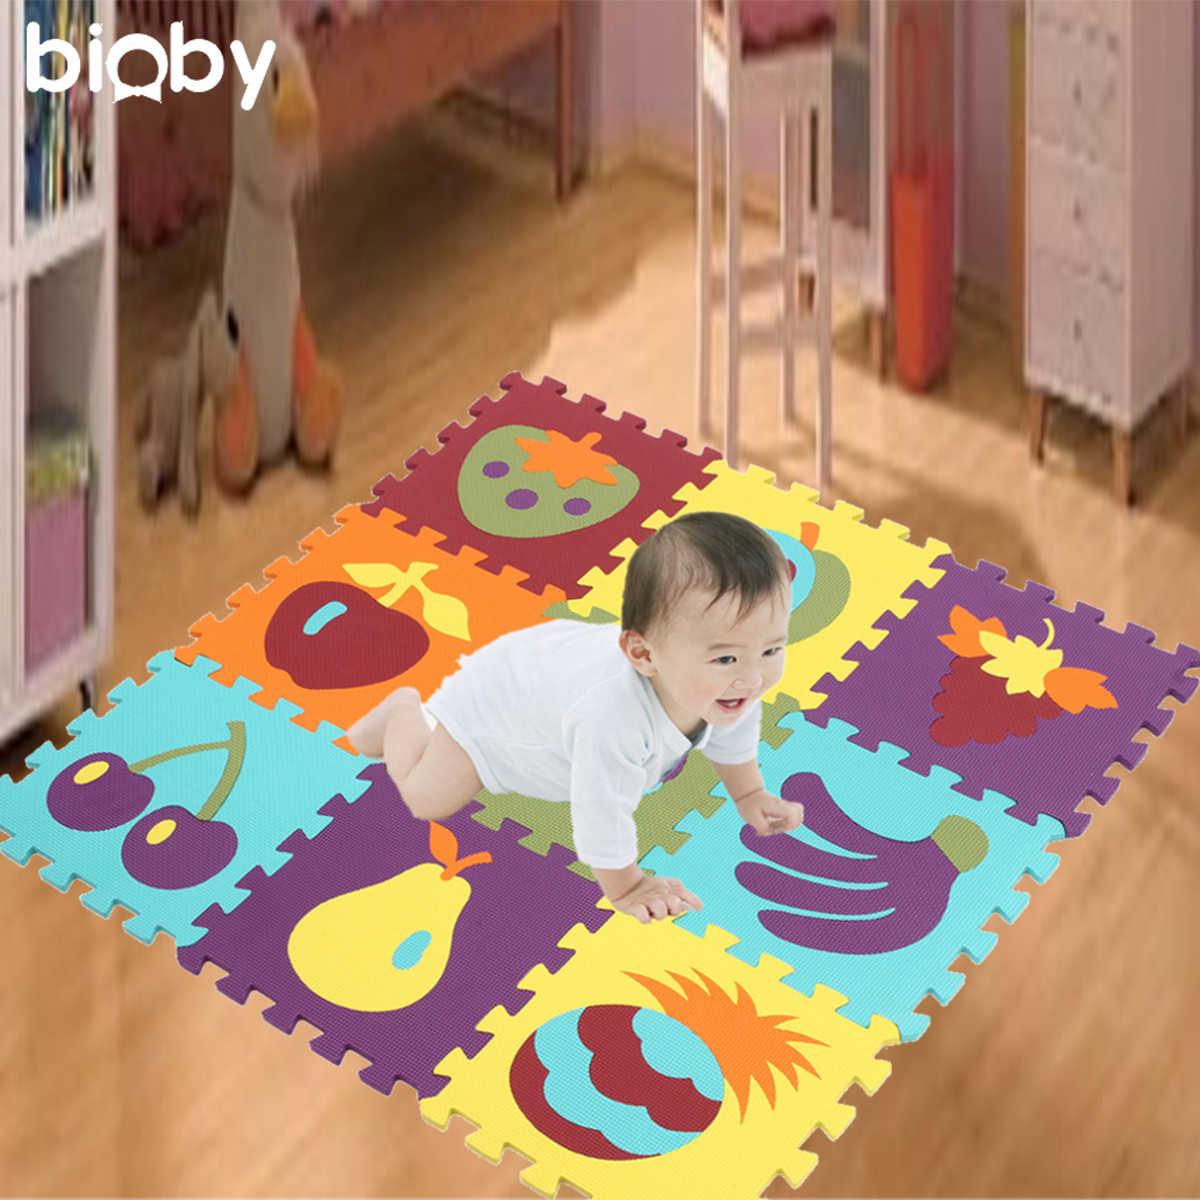 9 шт. Блокировка EVA пены детские игровые коврики игровой Напольный пазл ползающий коврик 30x30 см детские коврики детские развивающие игры одеяло